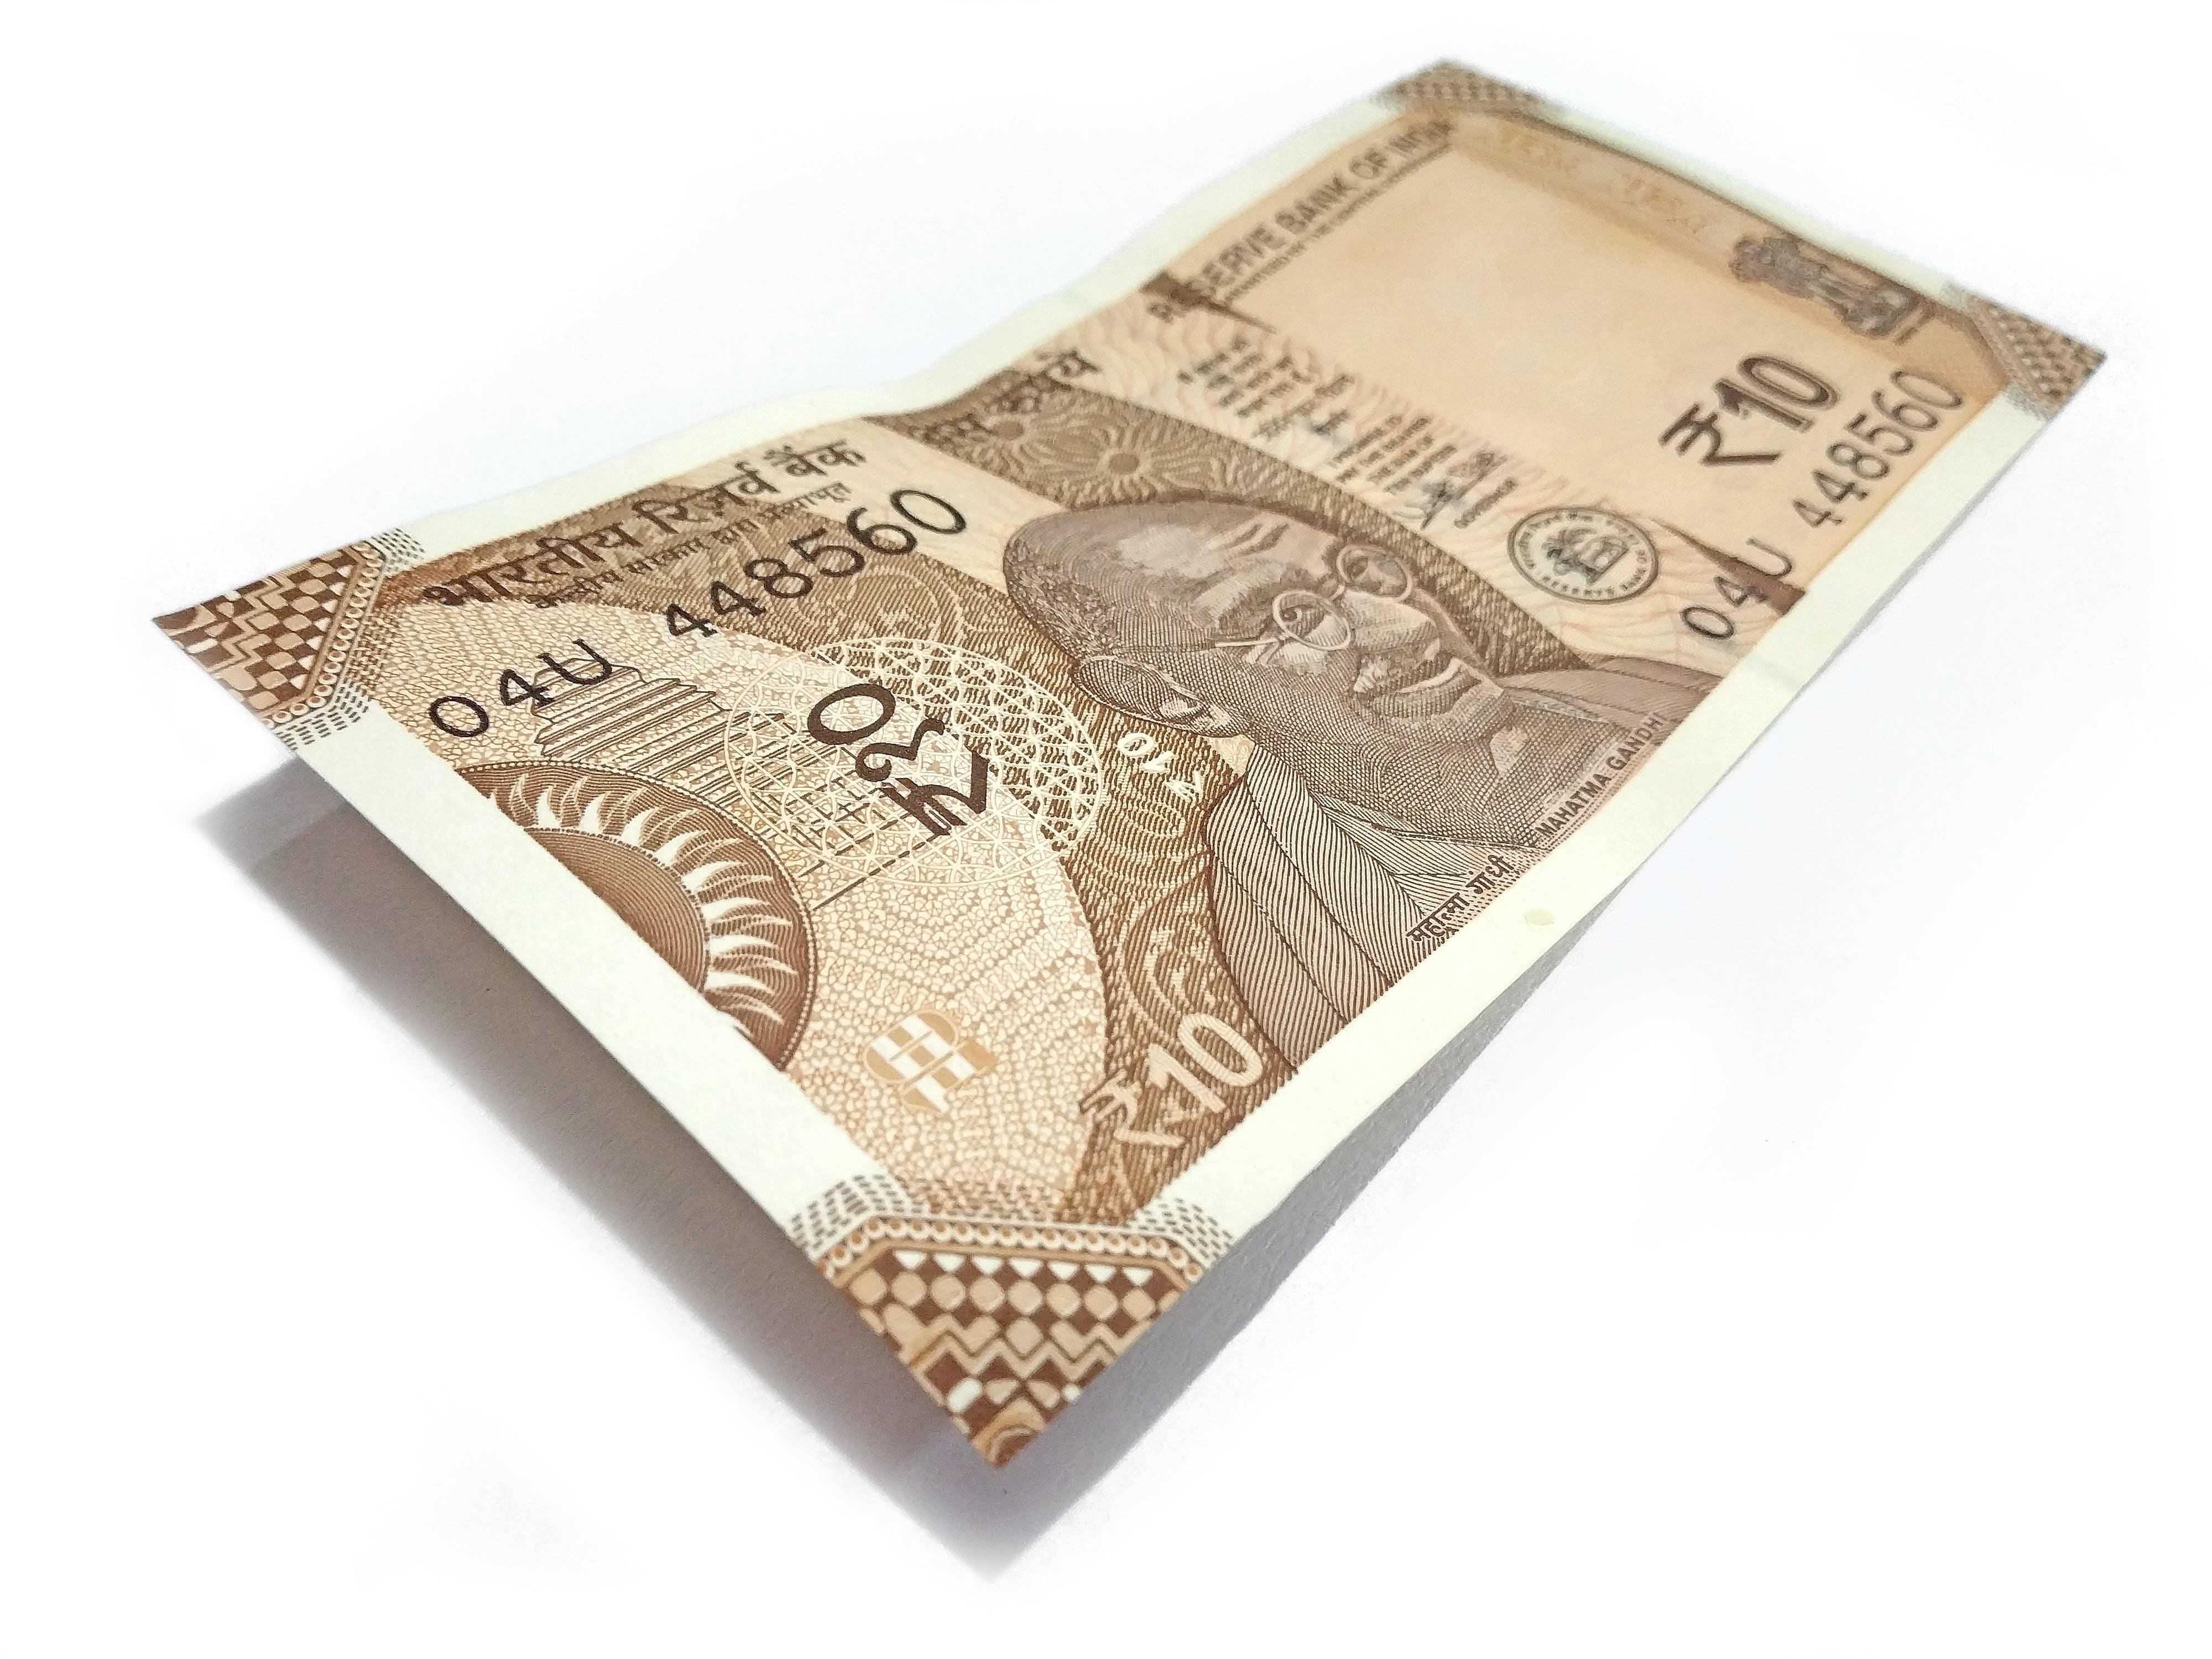 Δωρεάν στοκ φωτογραφιών με ανταλλαγή, εμπόρευμα, ινδικός, νόμισμα